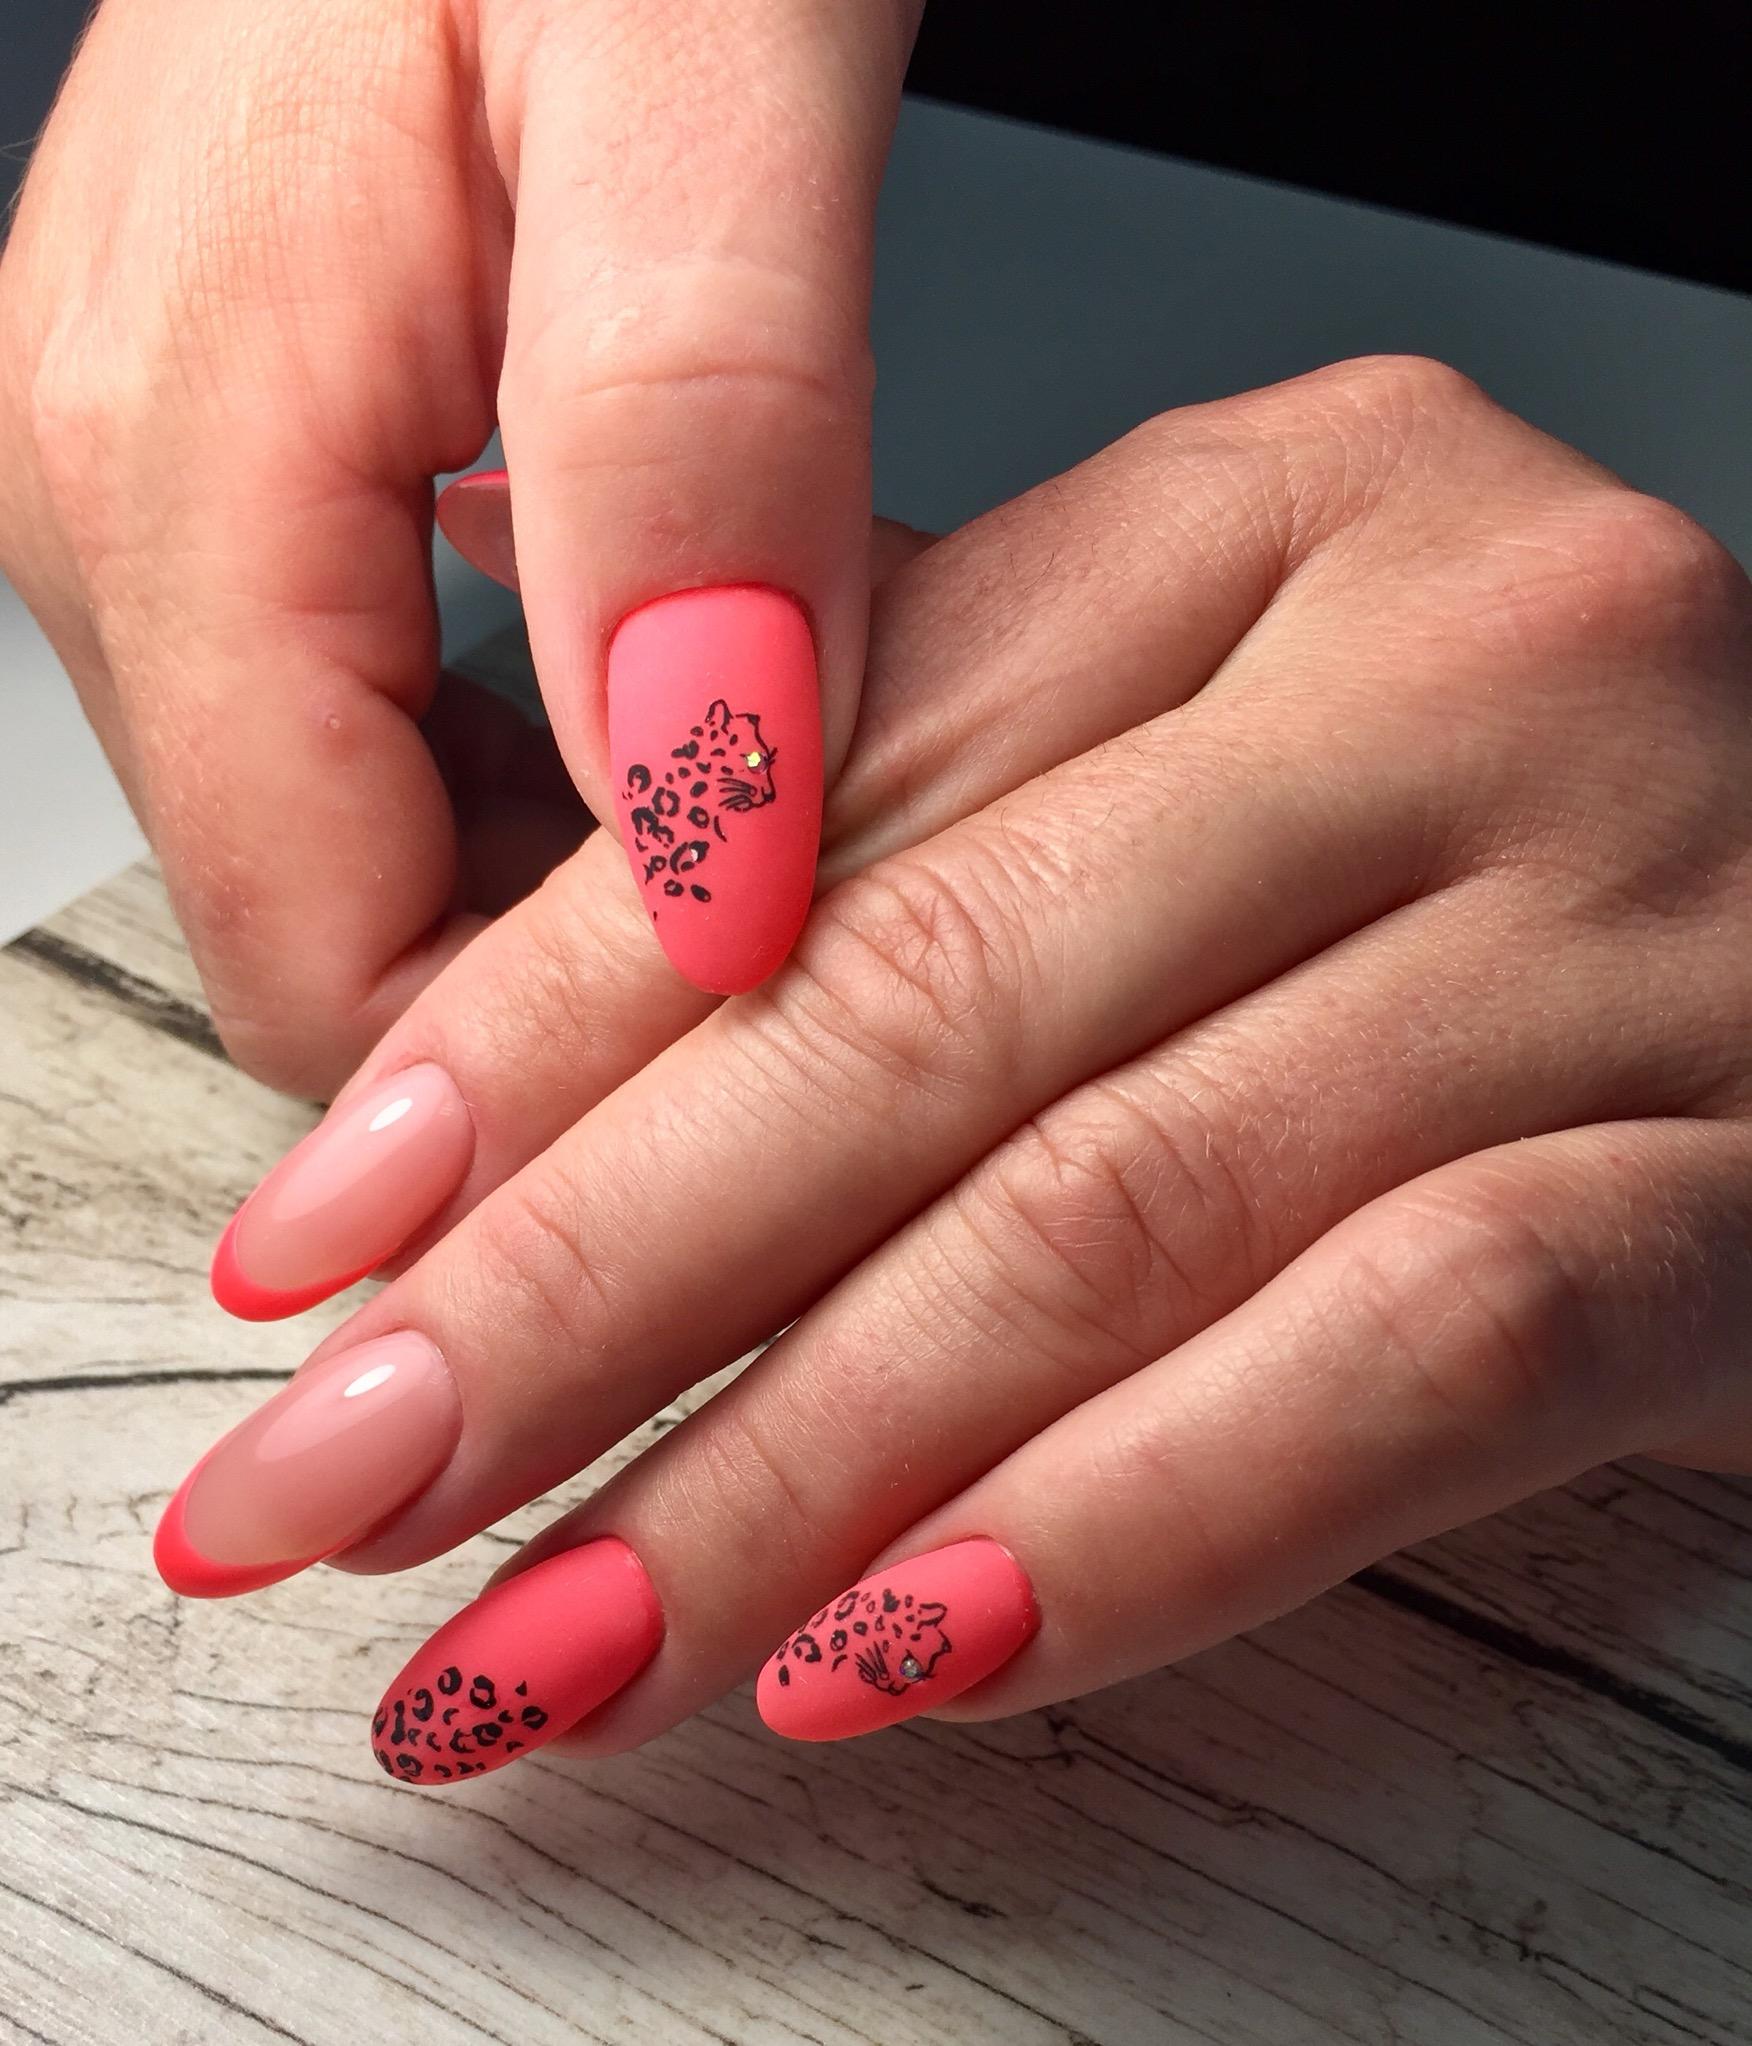 Матовый маникюр с леопардом и френч-дизайном в розовом цвете на длинные ногти.